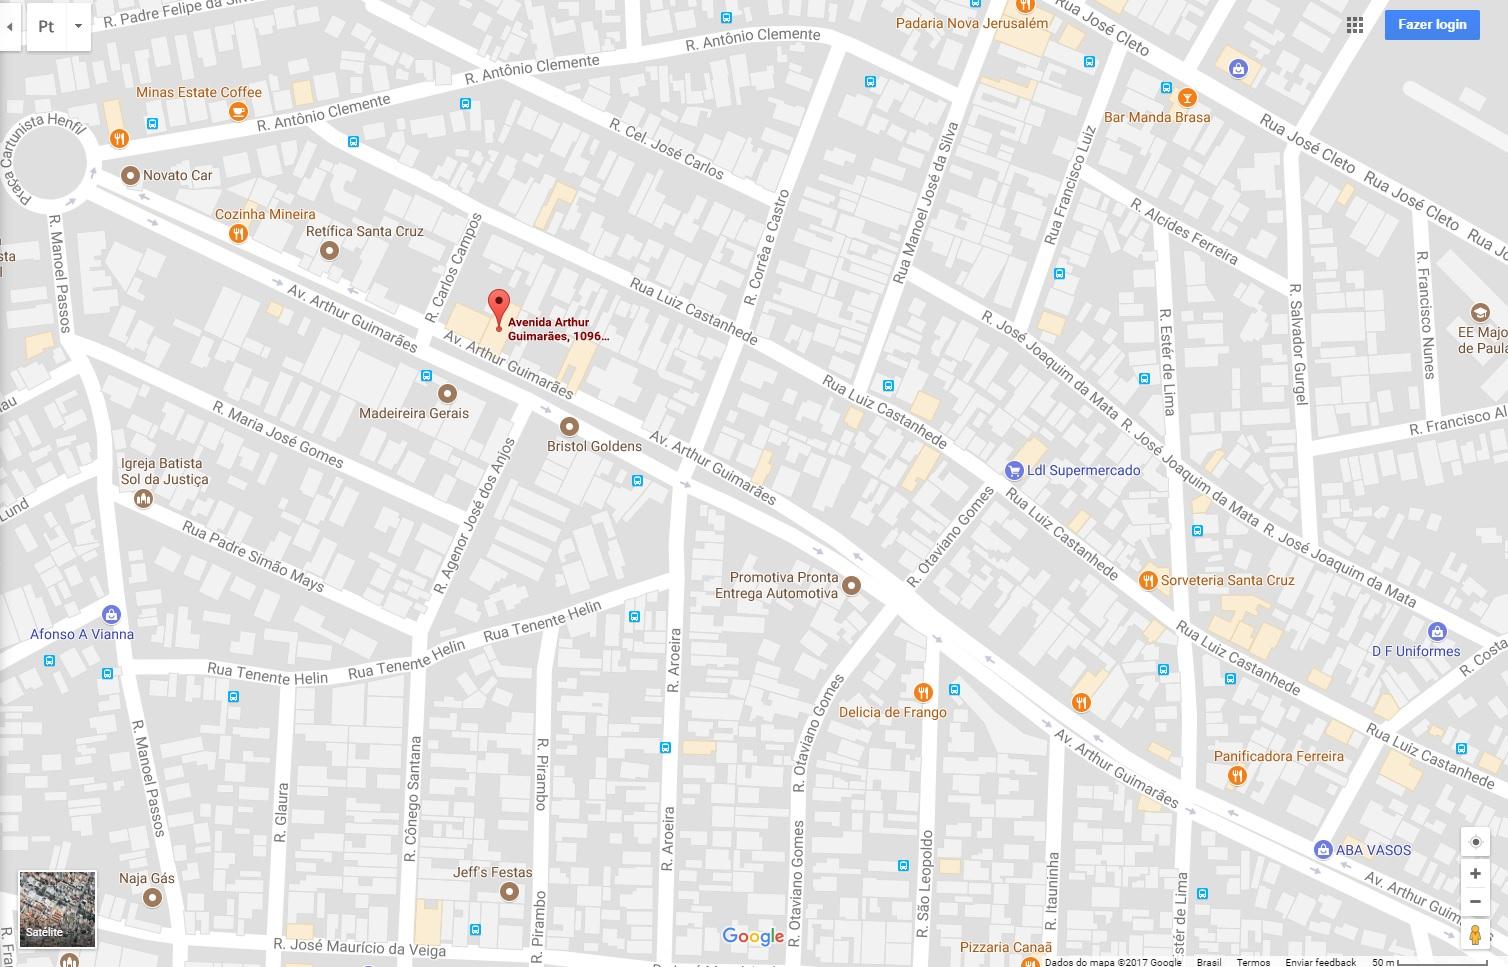 Padarias Próximas ao Hotel - Mapa